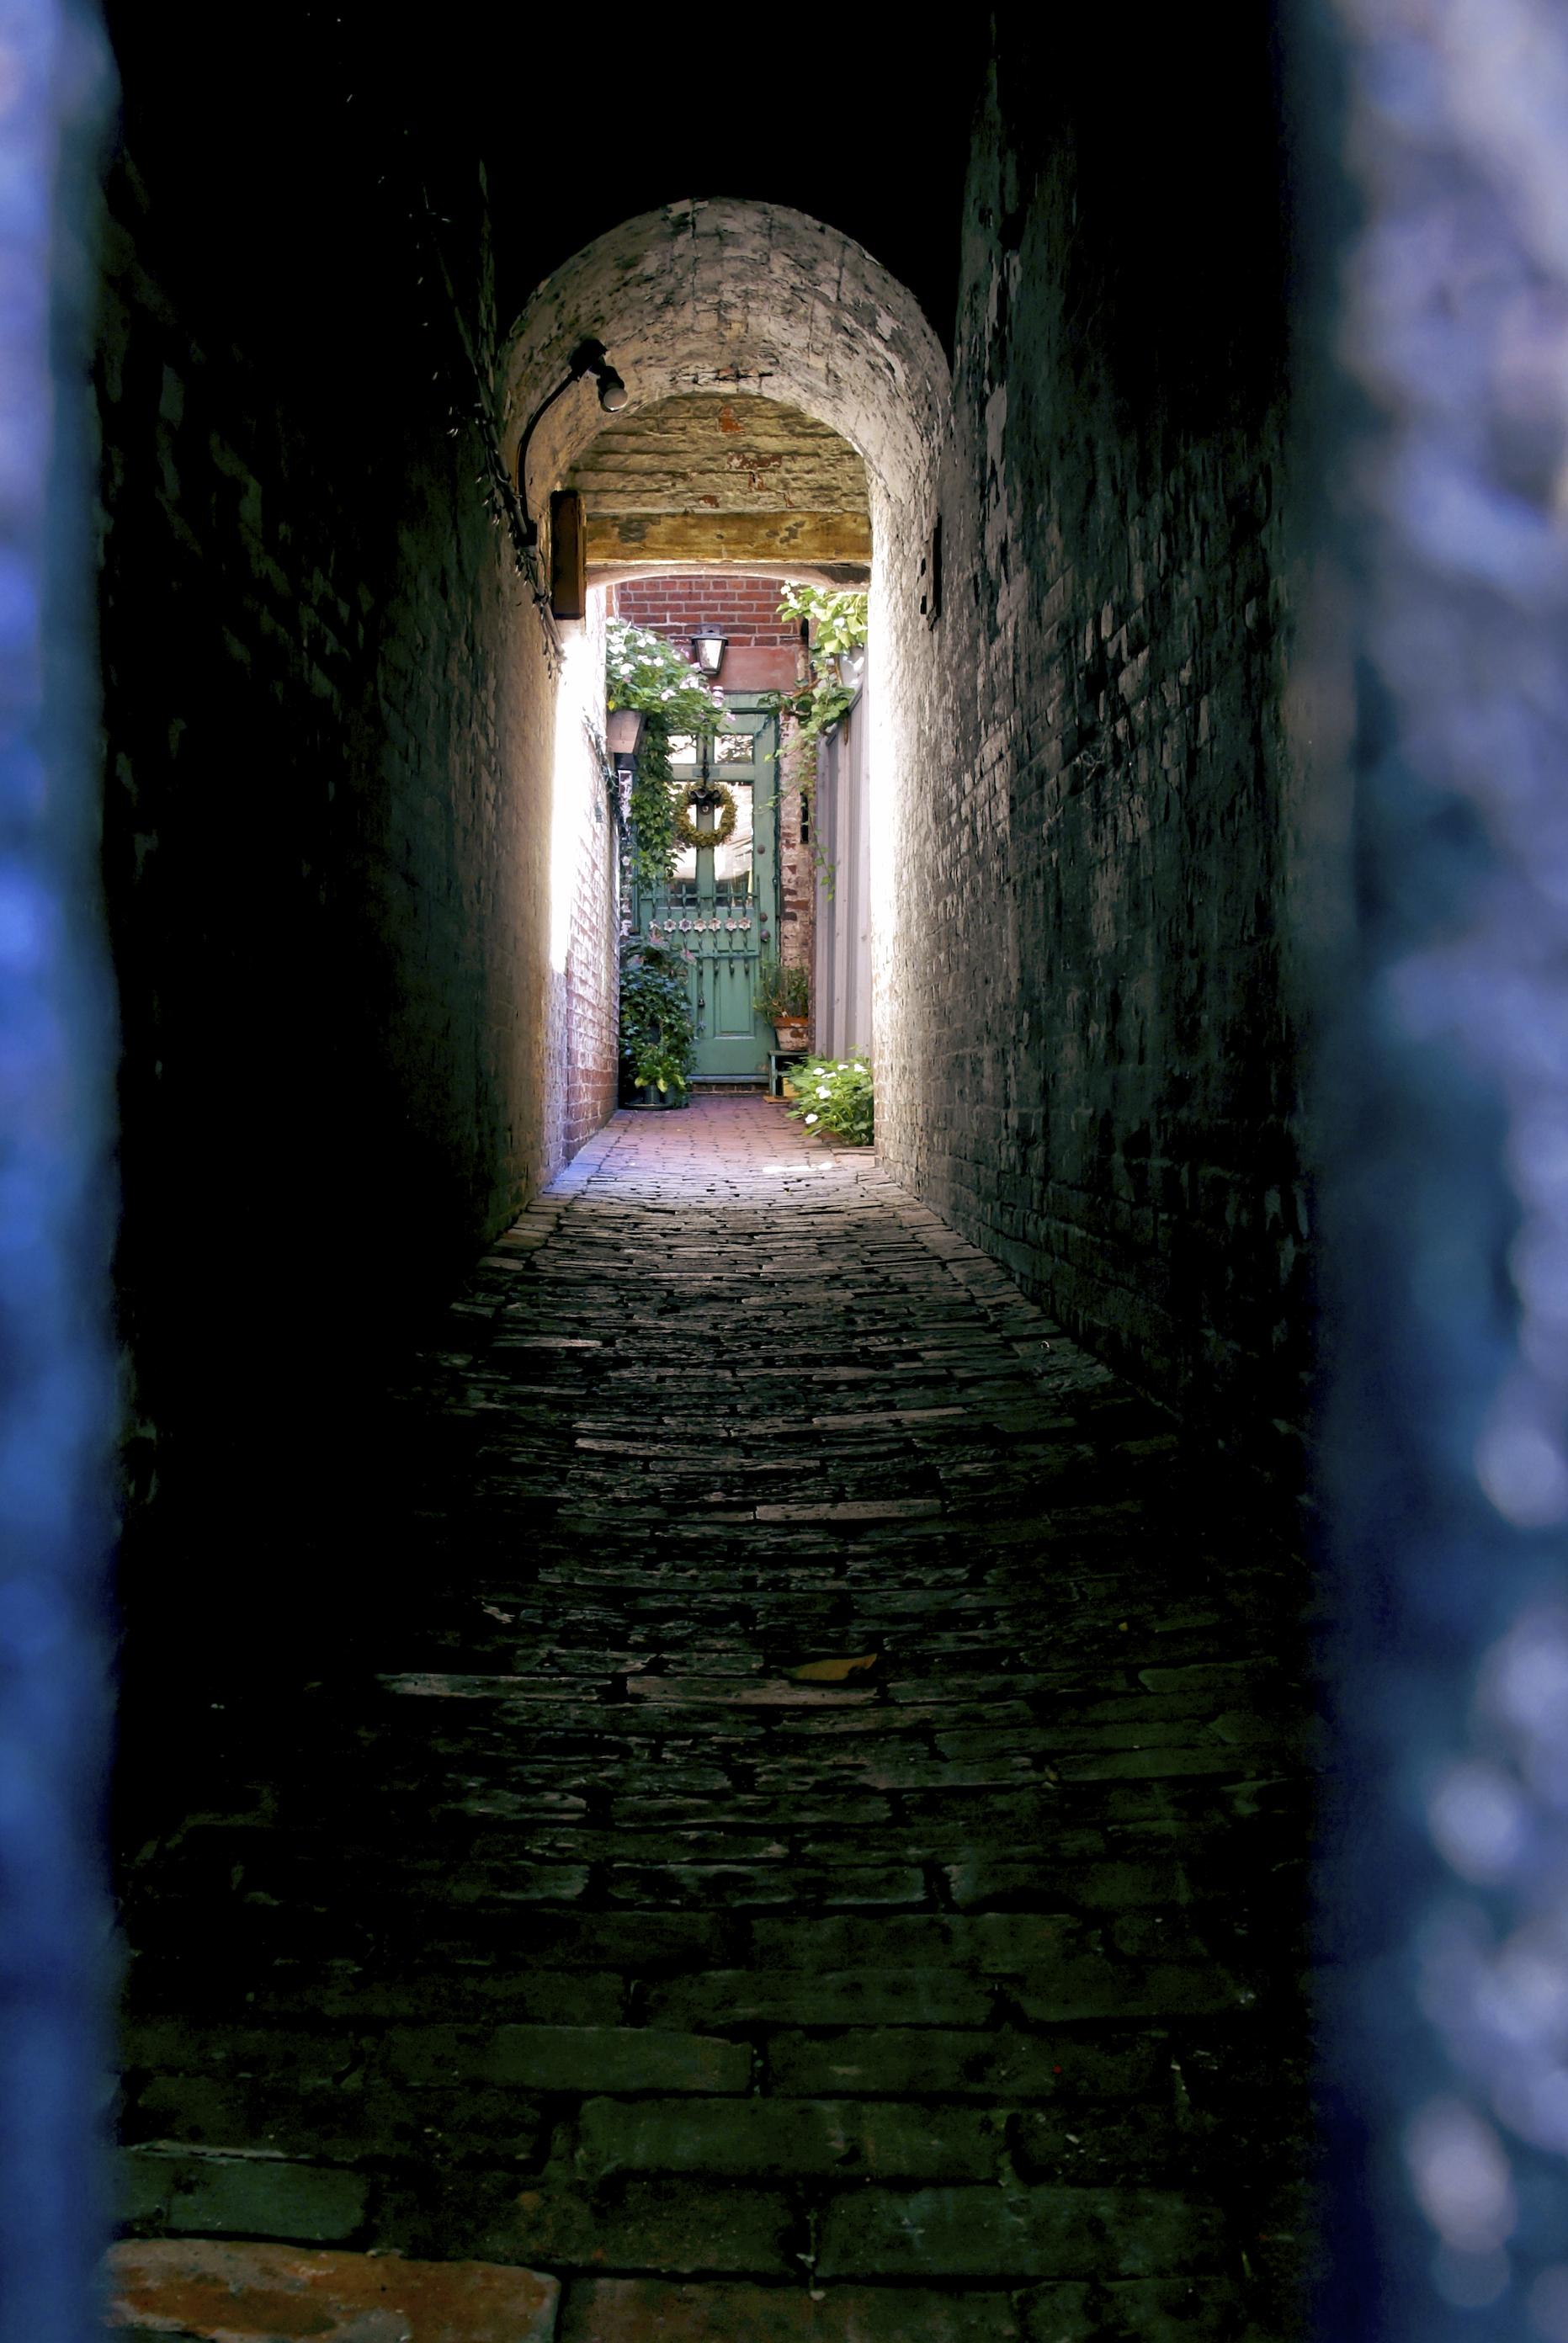 Estillyen Tunnels